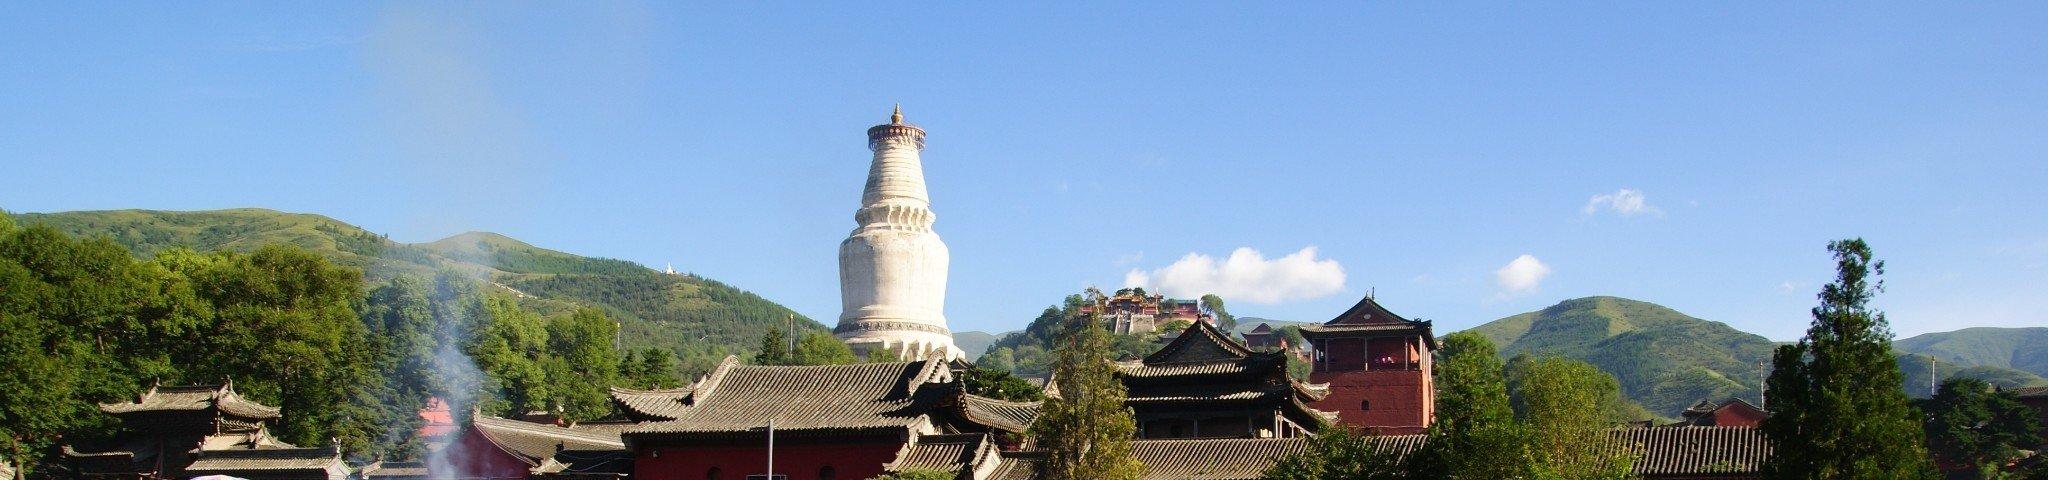 在五台山感悟佛教思想背后的意义